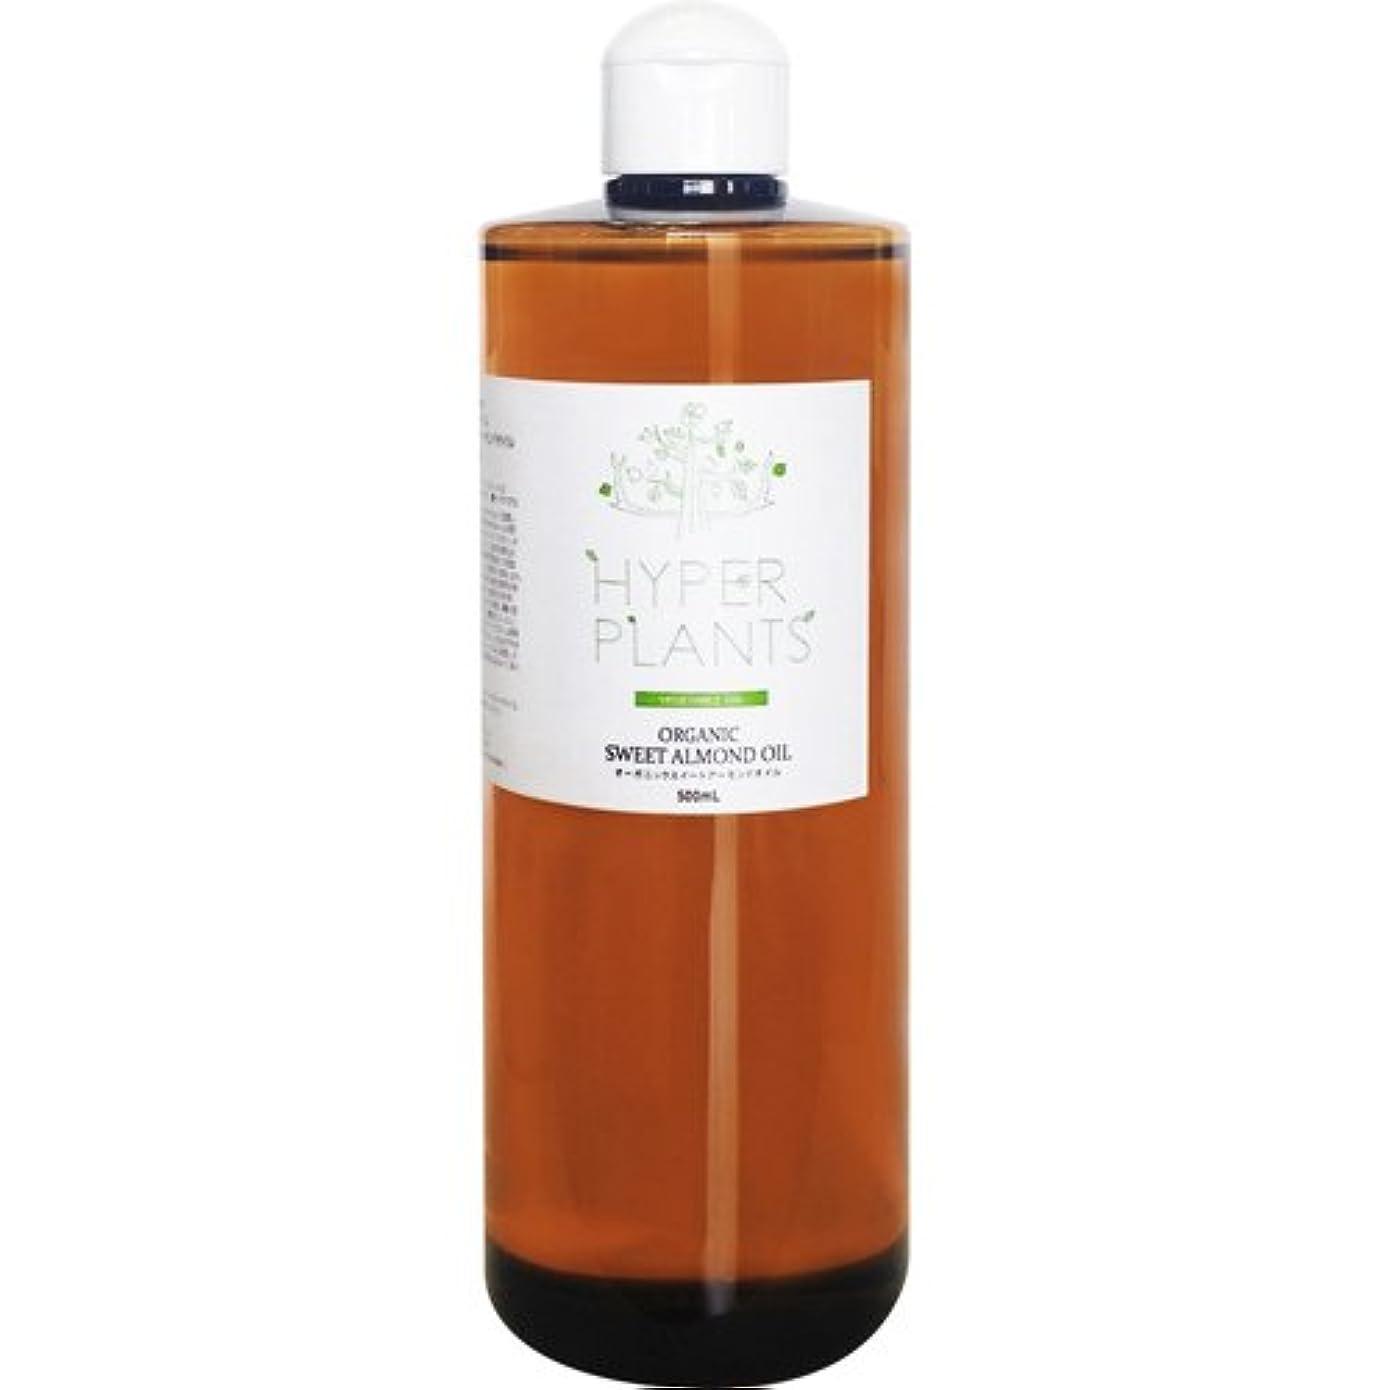 ライセンス優雅いろいろHYPER PLANTS ハイパープランツ キャリアオイル オーガニックスイートアーモンドオイル 500ml HVG055